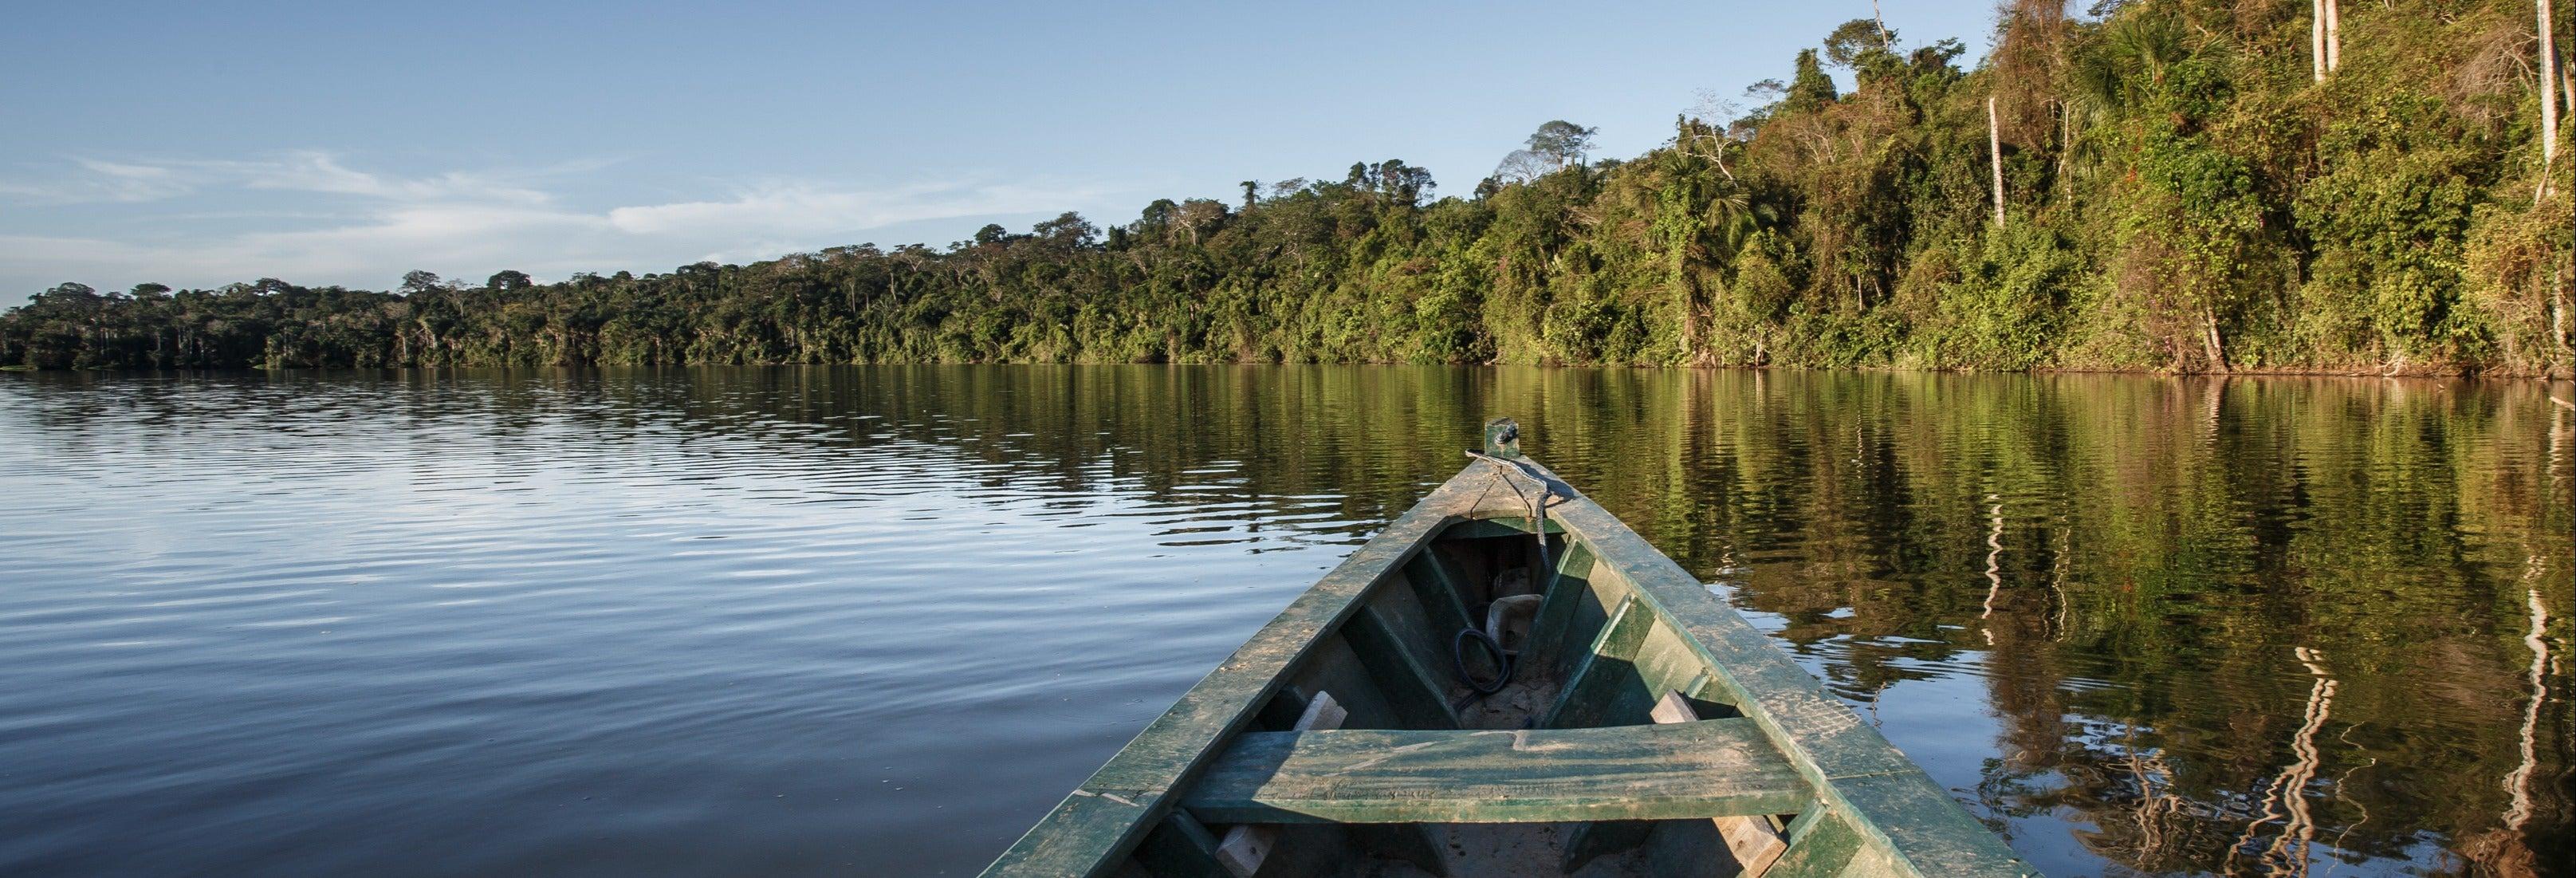 Tour de 5 dias pelo norte da Amazônia peruana